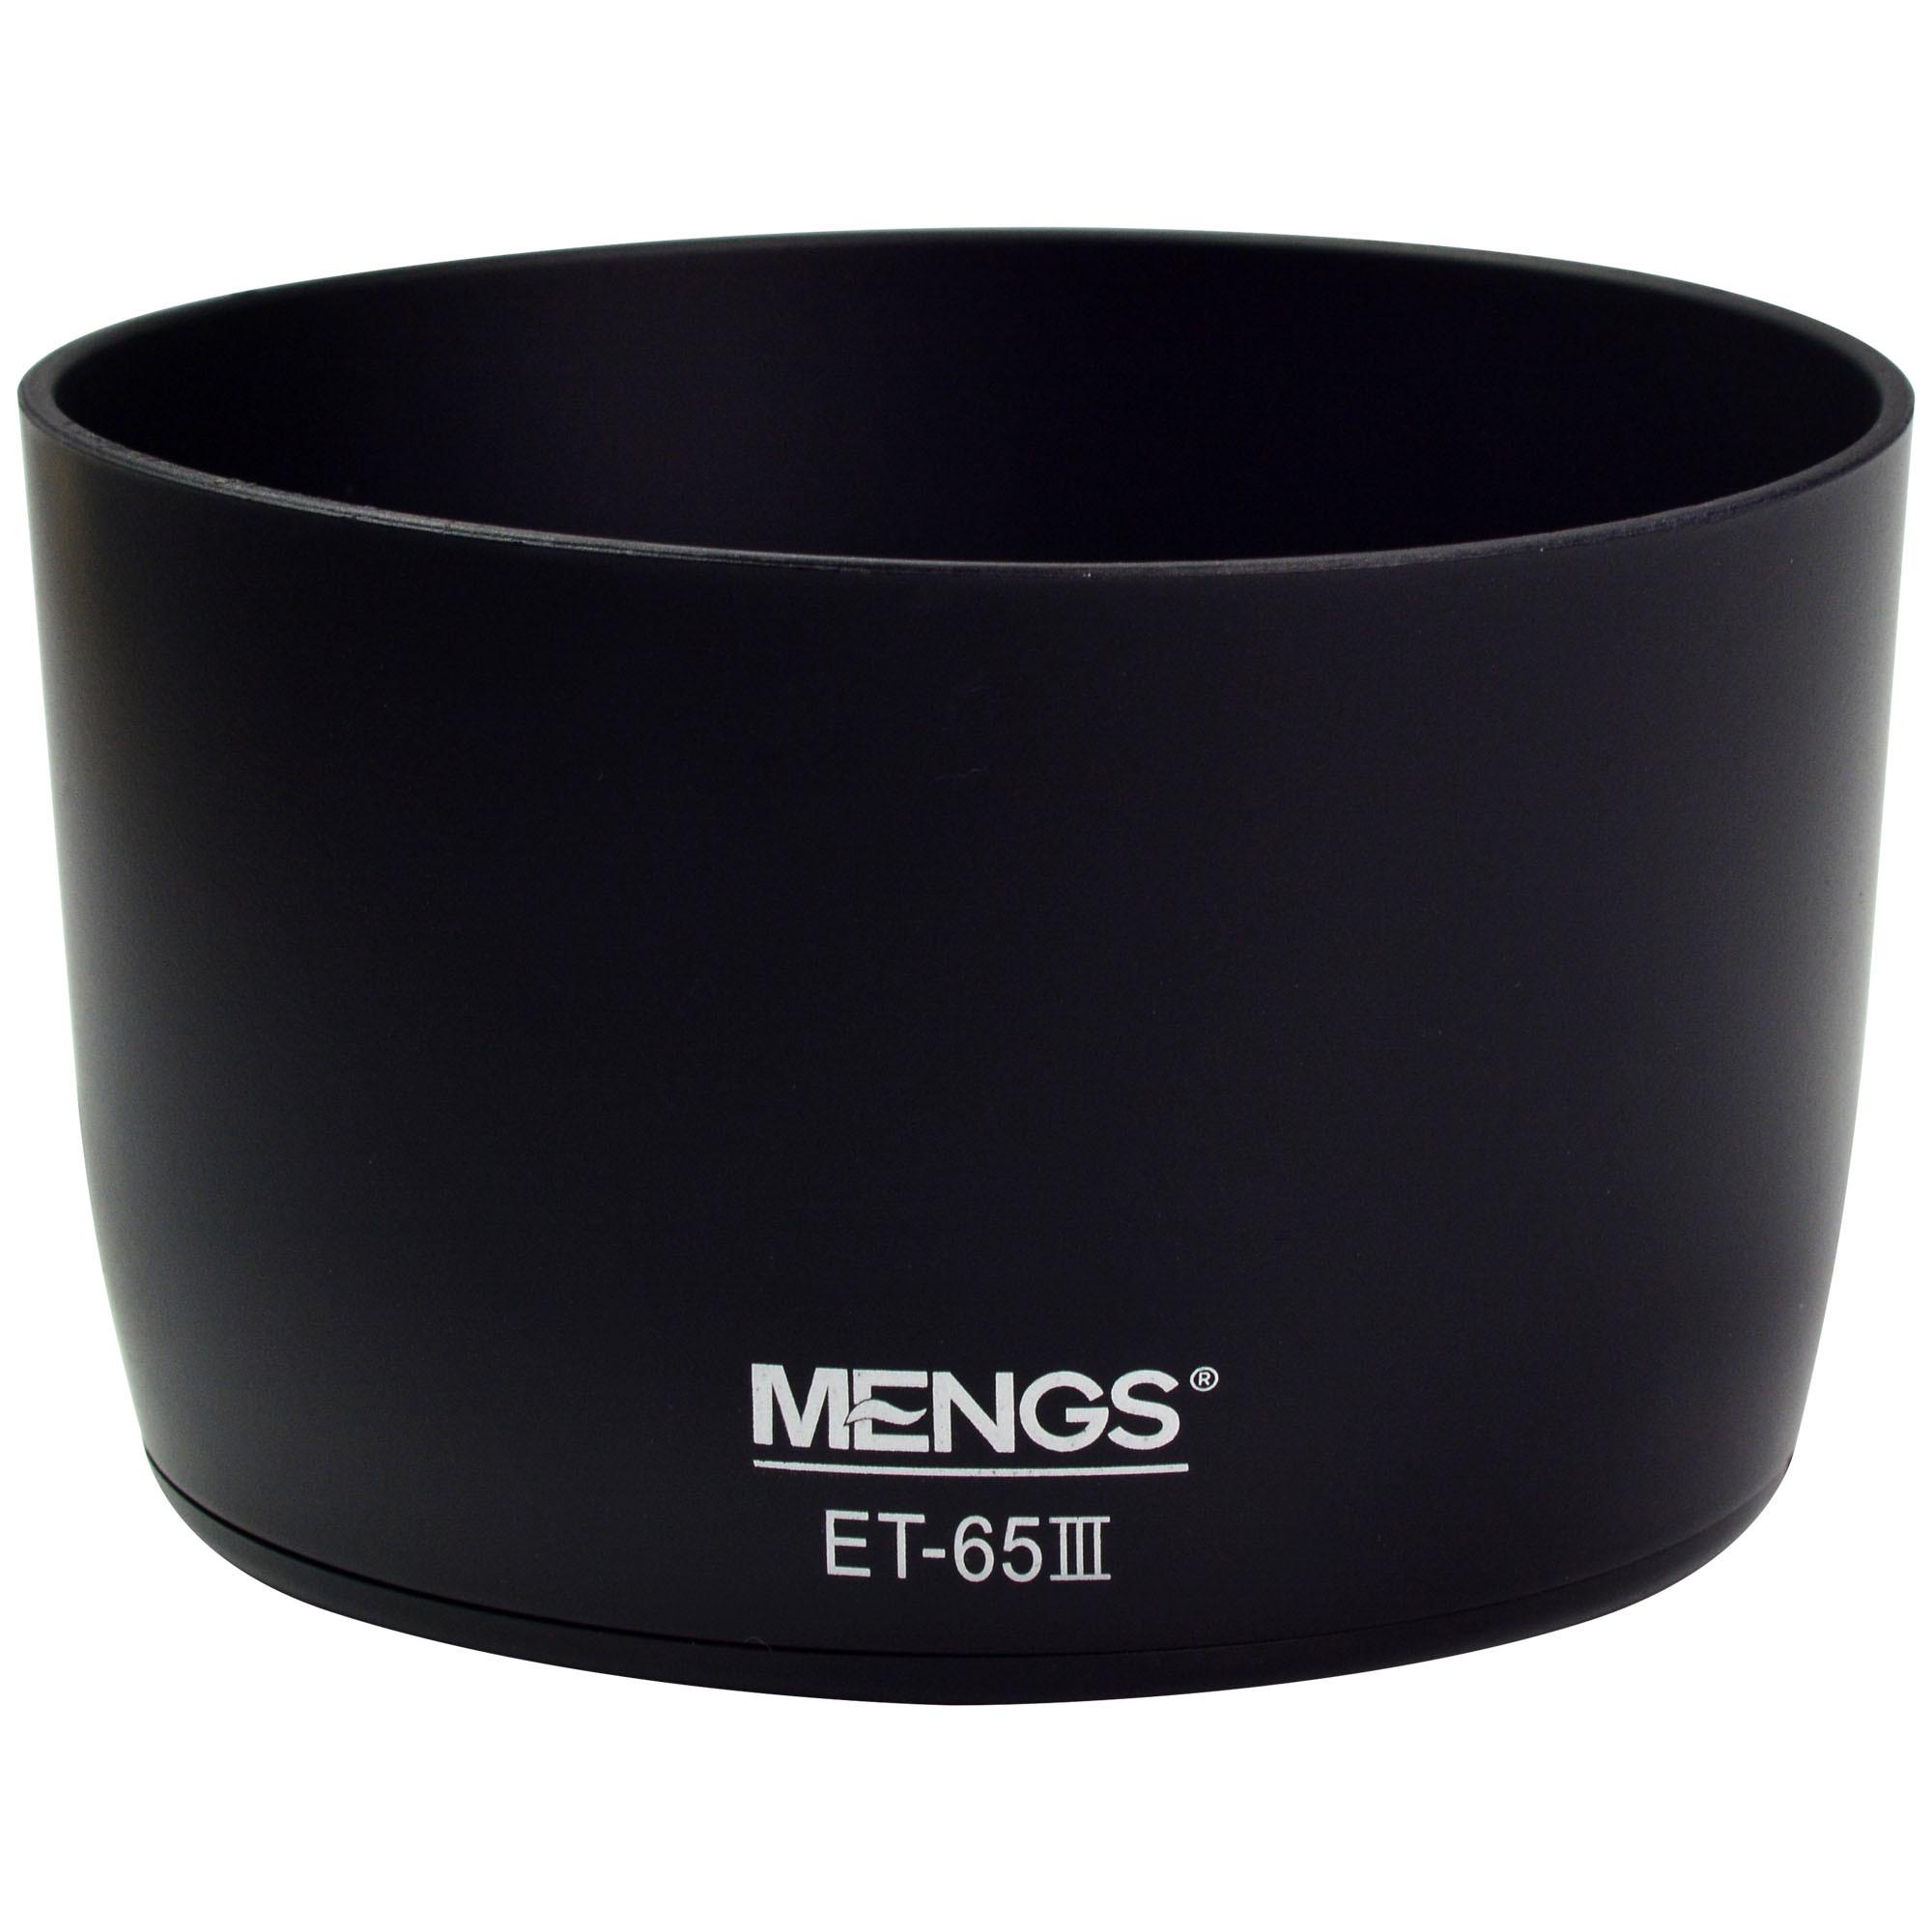 MENGS® ET-65 III Lens Hood for Canon EF 85mm f/1.8USM, EF 100mm f/2 USM, EF 100-300mm f/4.5-5.6 USM, EF 75-300mm f/4-5.6, EF 70-210mm f/3.5-4.5 USM, EF 135mm f/2.8 SF